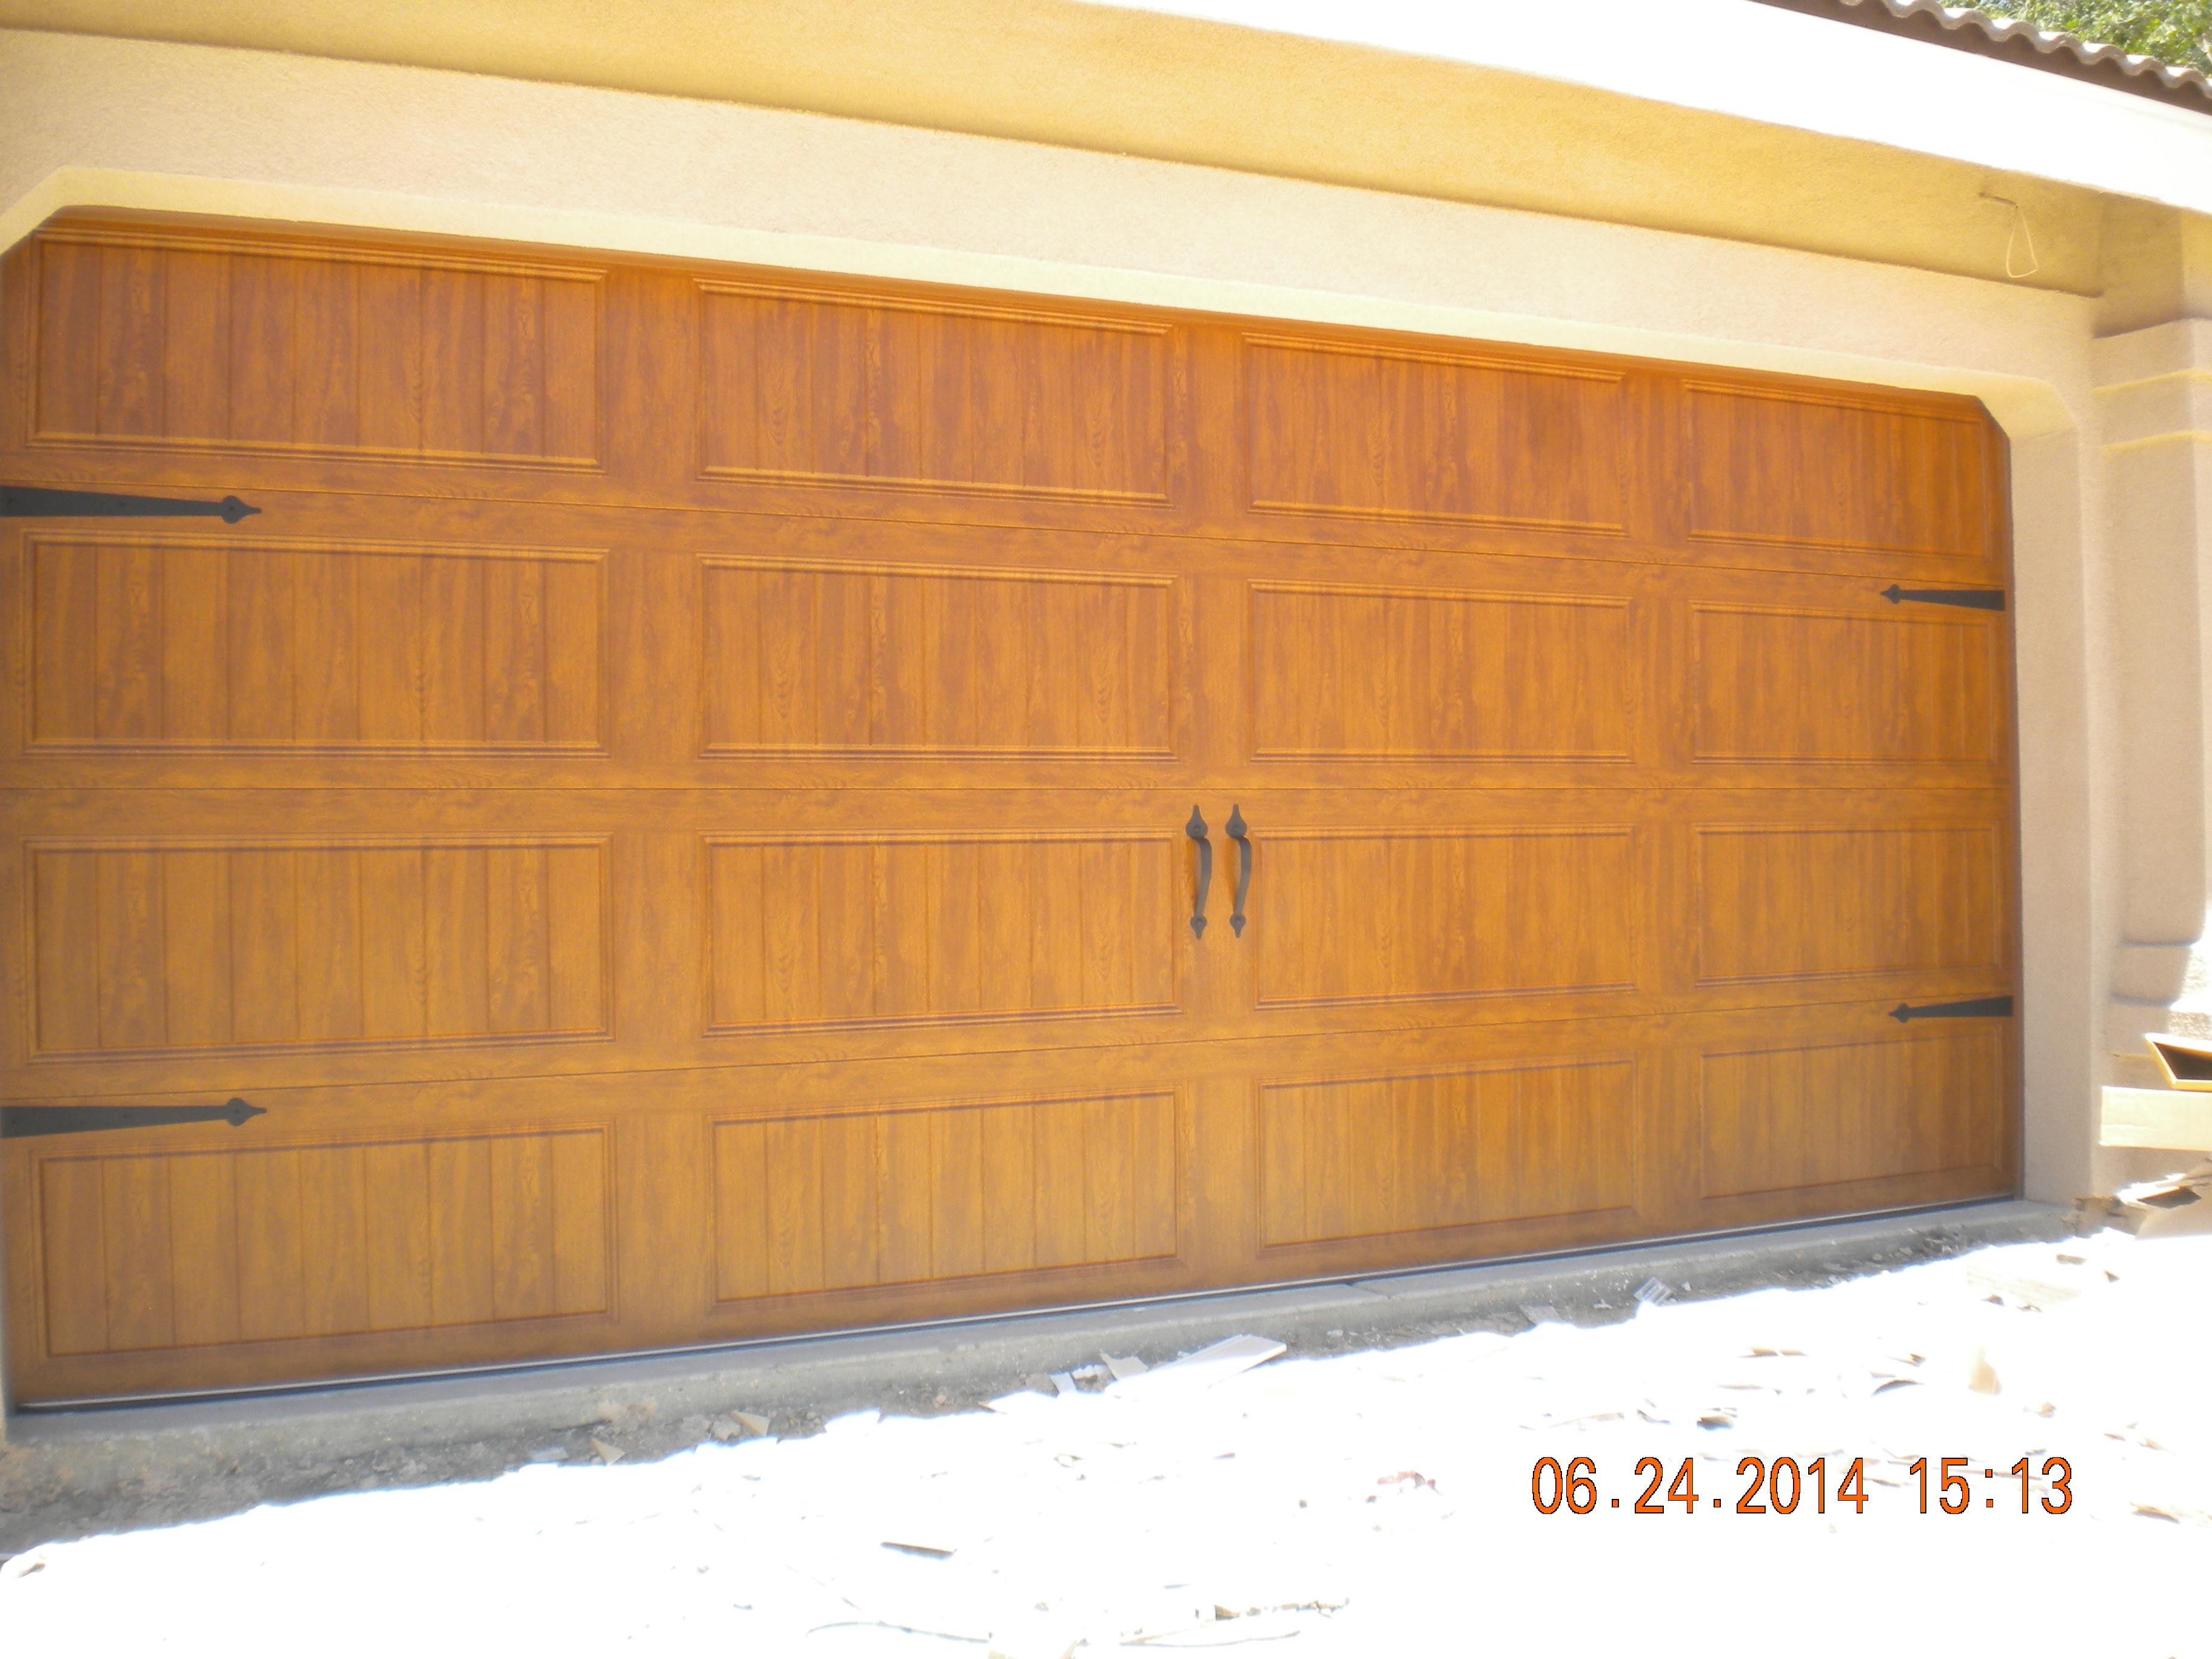 Garage & Overhead Doors in CA Apple Valley 92308 Doorworks Garage Door Systems 10955 Neola Road South  (760)394-6754